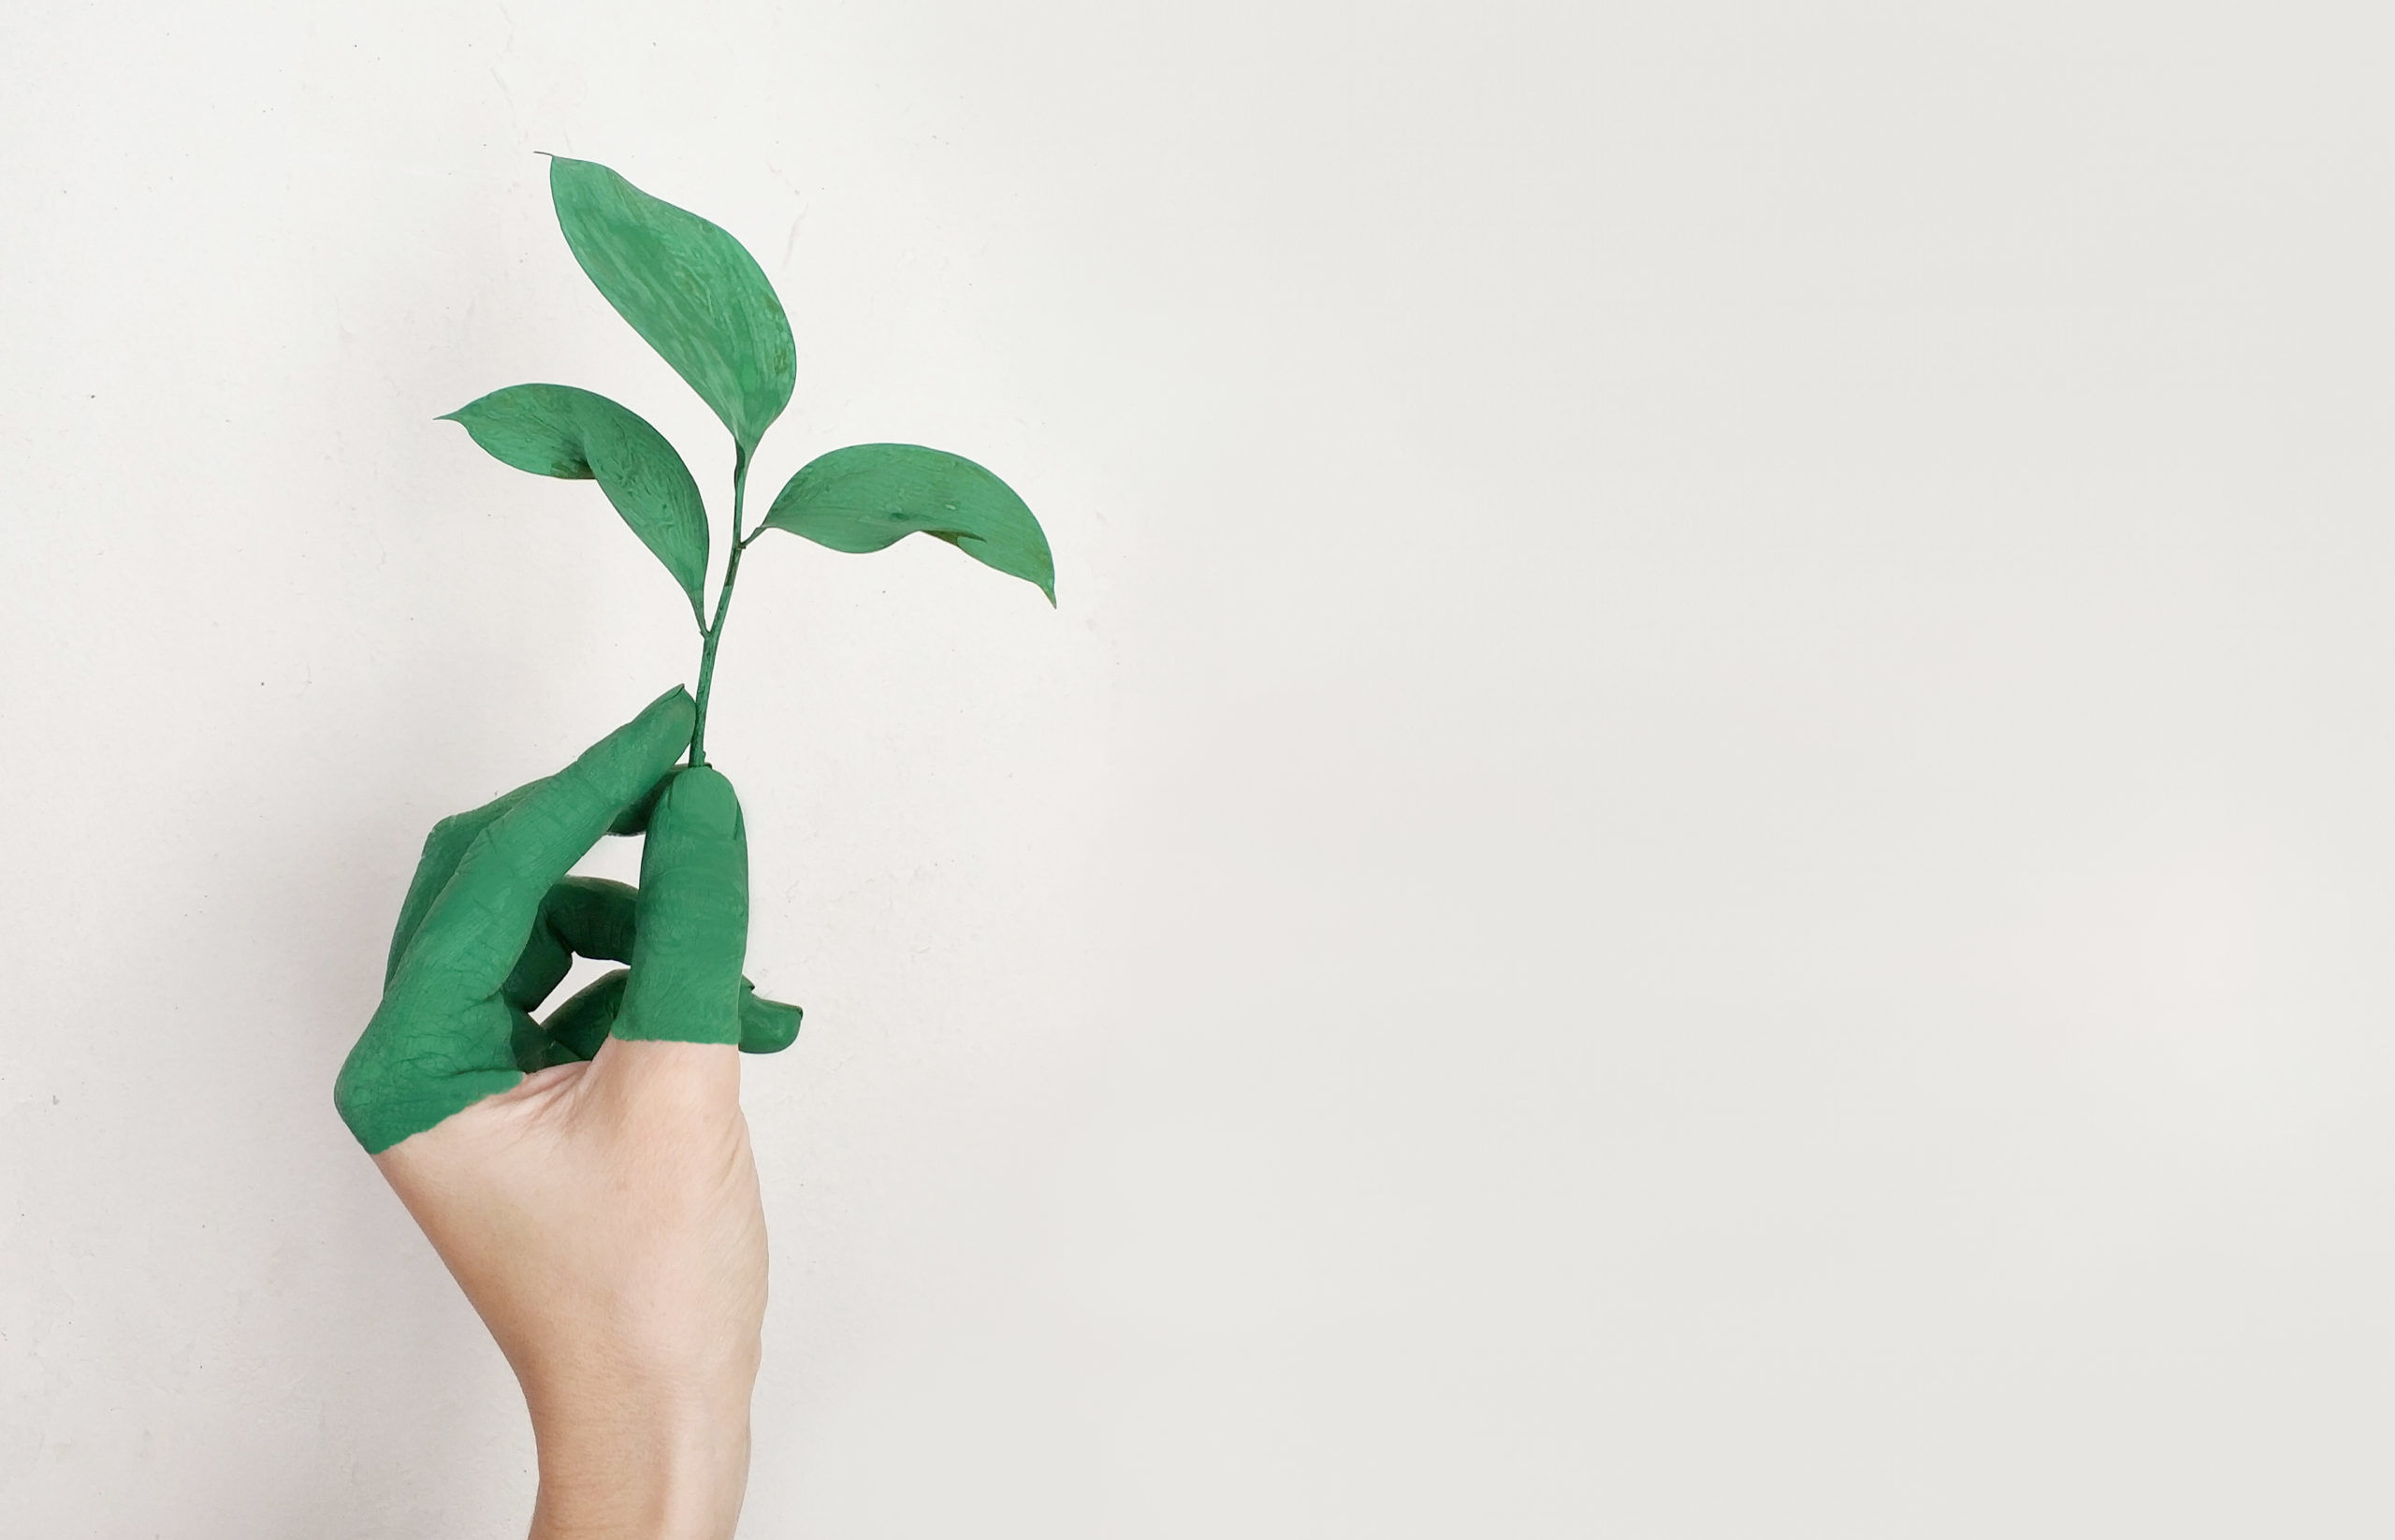 4sustainability greenwashing scaled 1